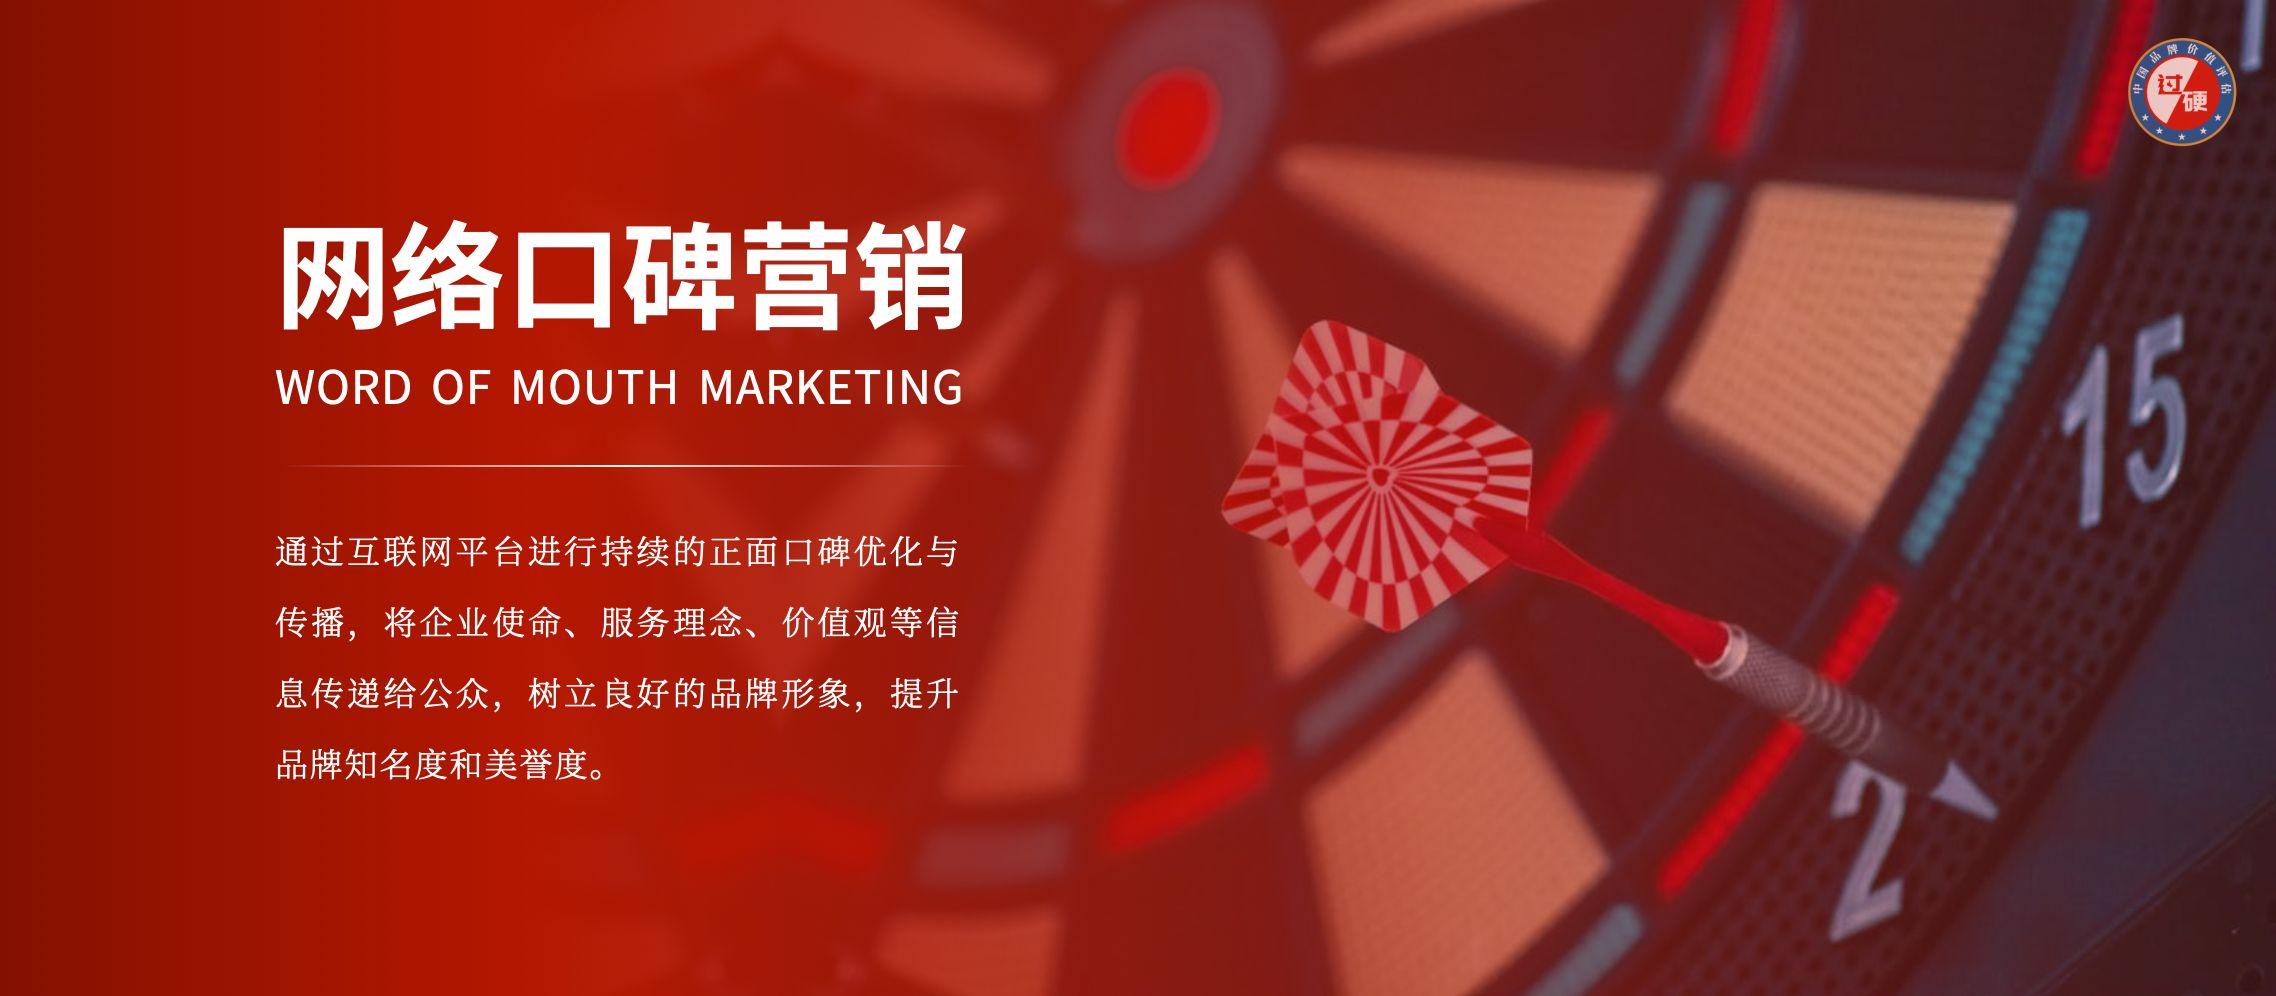 口碑营销_网络口碑营销_品牌营销策划_口碑营销公司